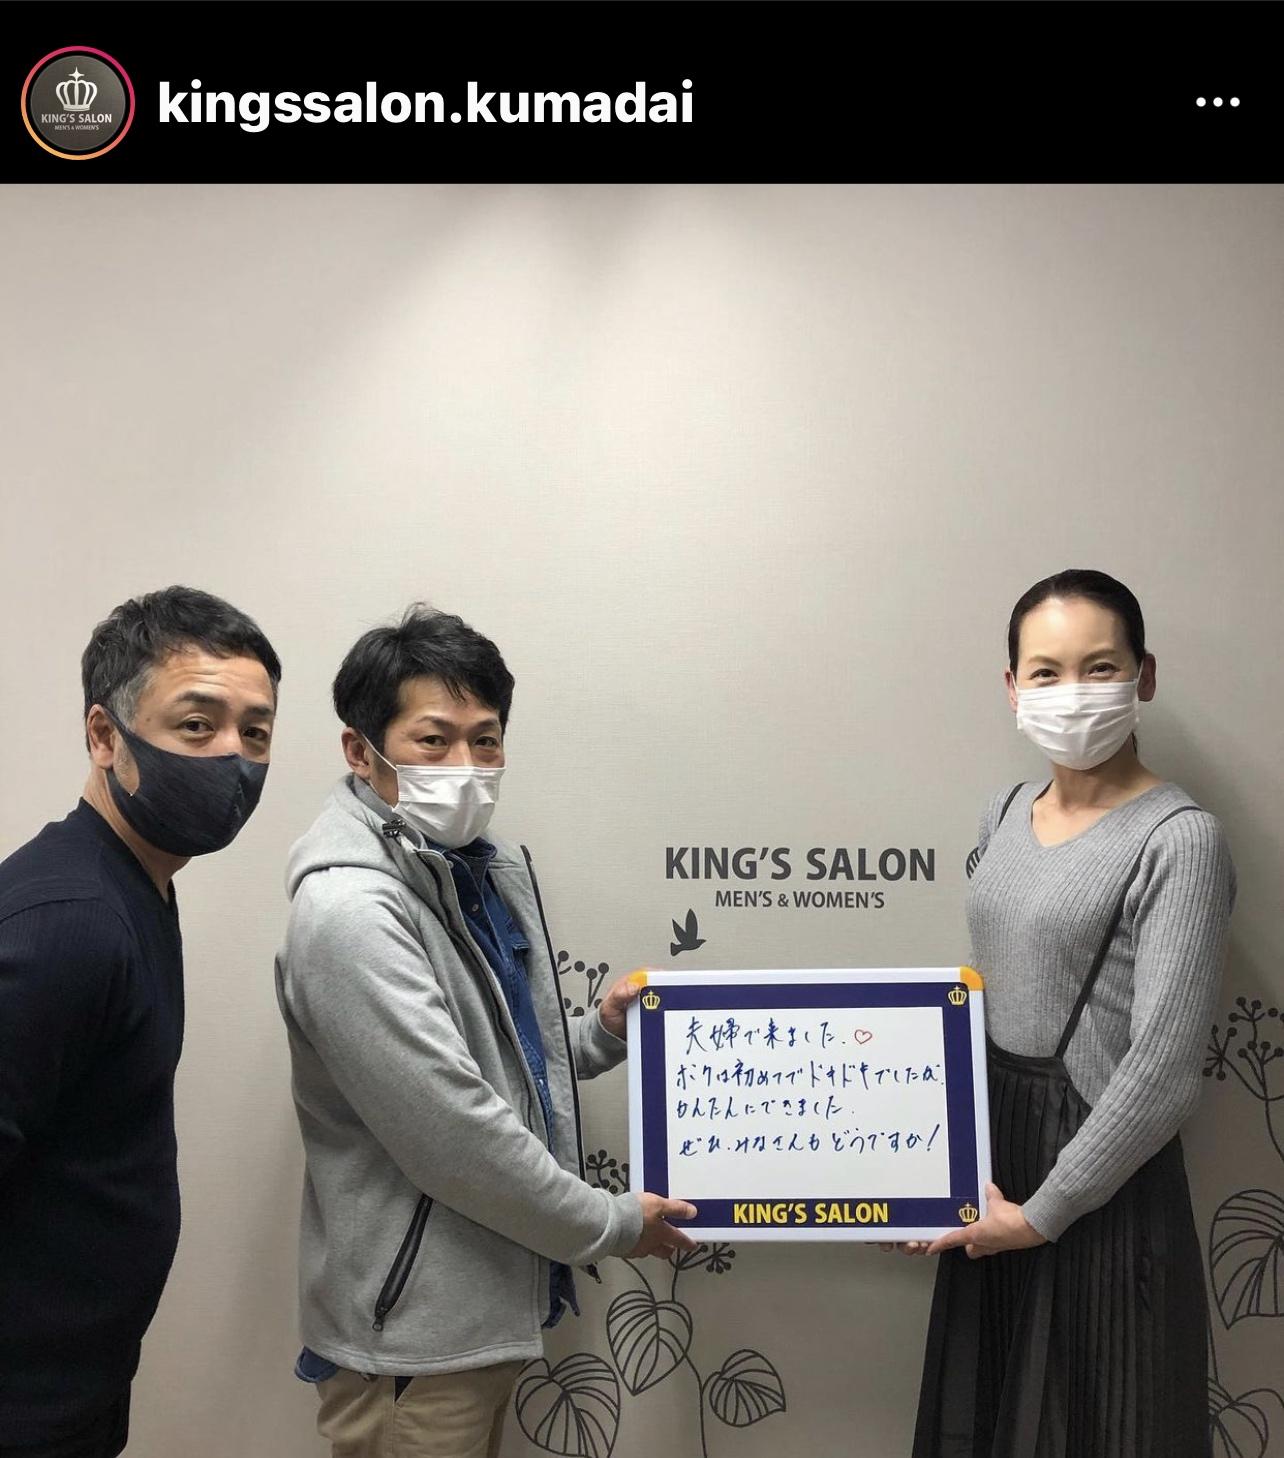 キングスサロン熊本大学前店 お客様の声 サムネイル画像